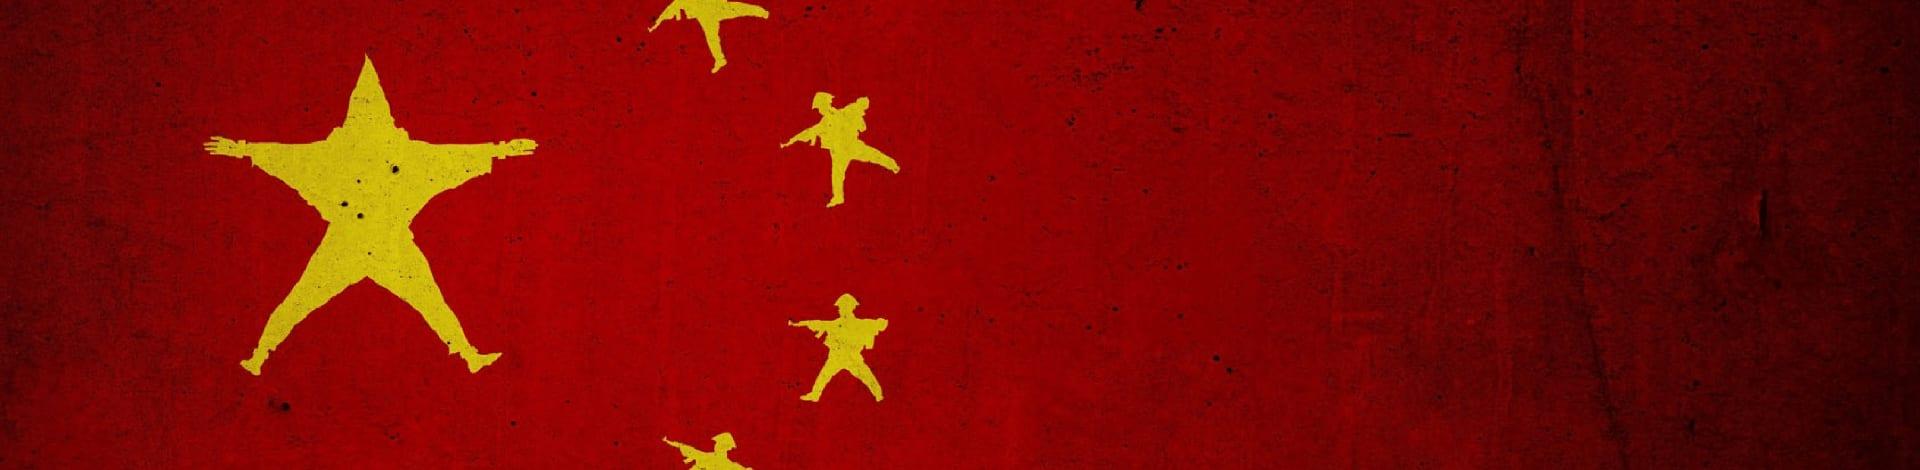 Die Volksrepublik China verletzt die Meinungsfreiheit in Hongkong.